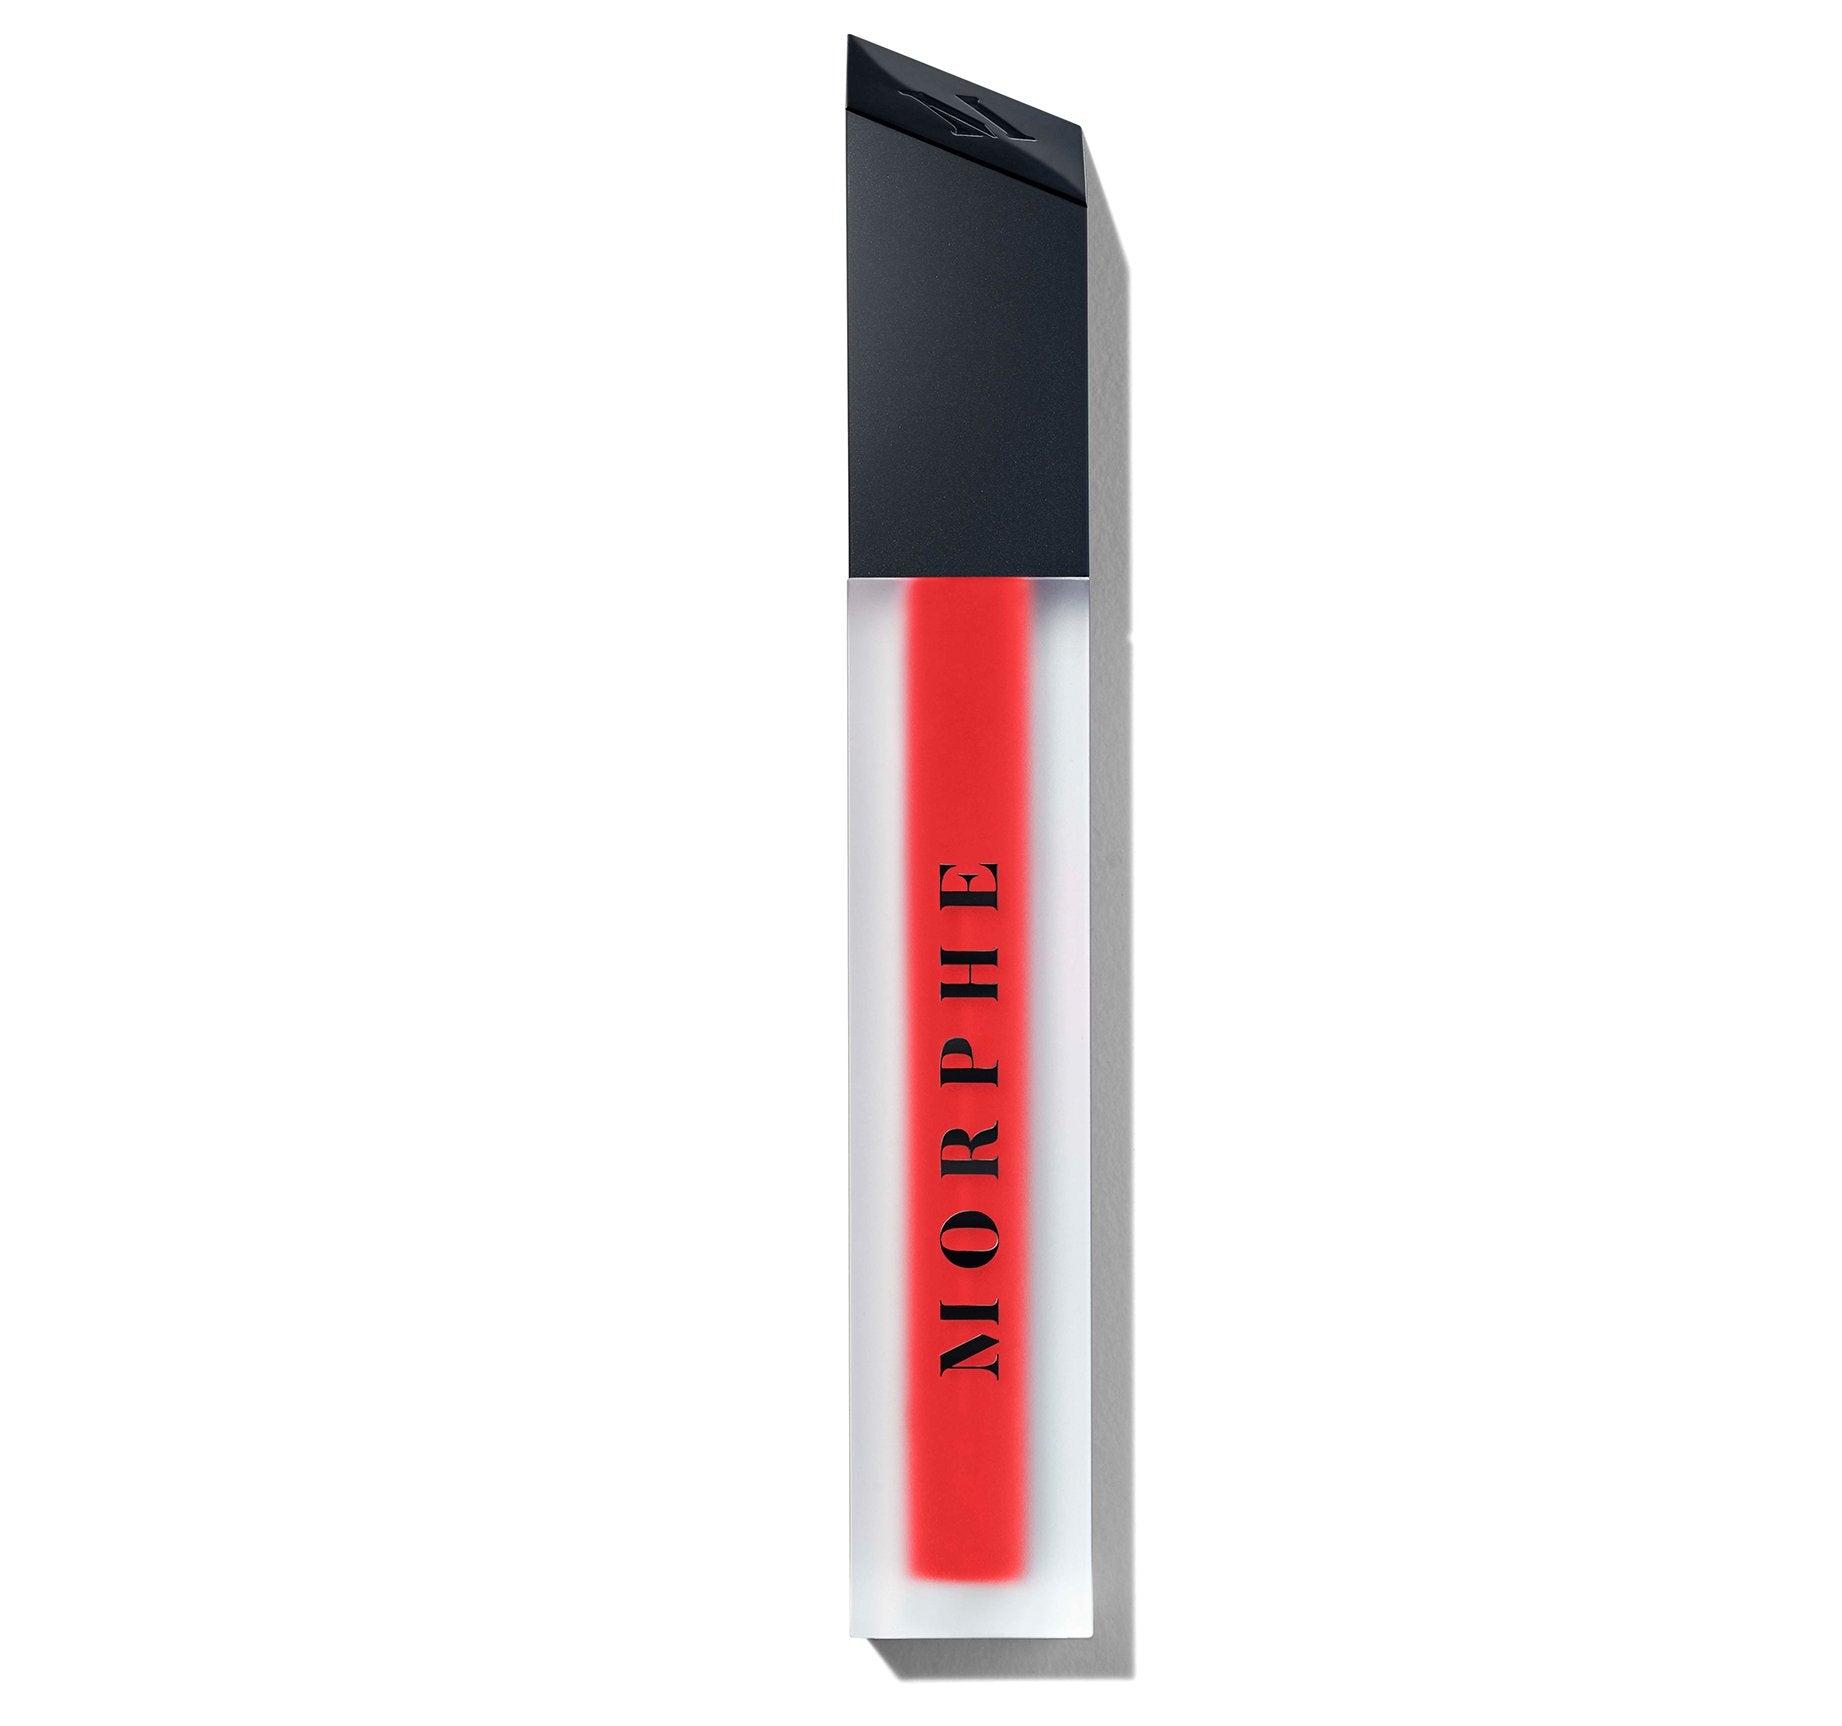 Morphe - Matta Liquid Lipstick